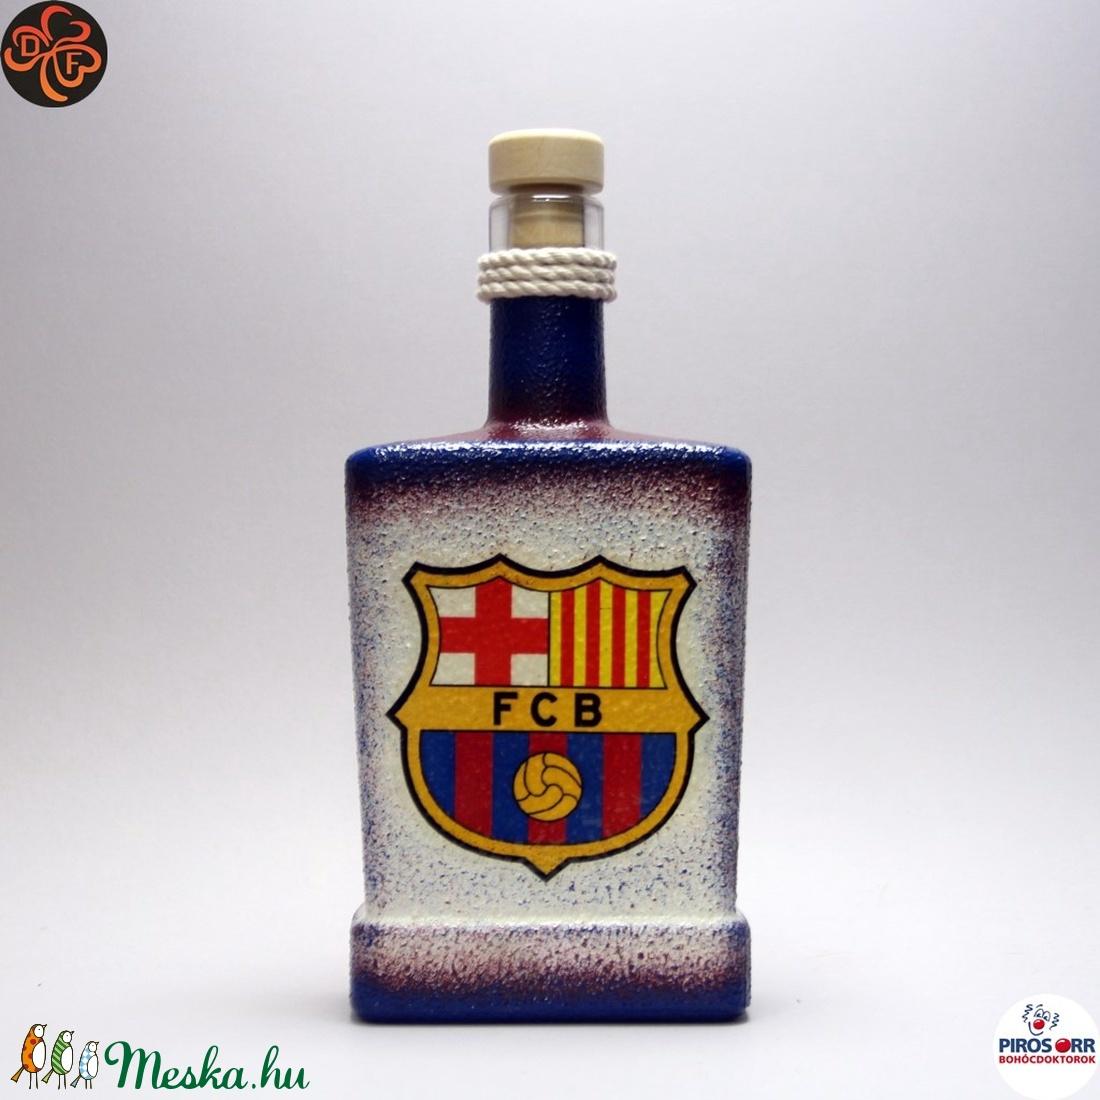 FC Barcelona italos üveg ; futball szurkolóknak (decorfantasy) - Meska.hu